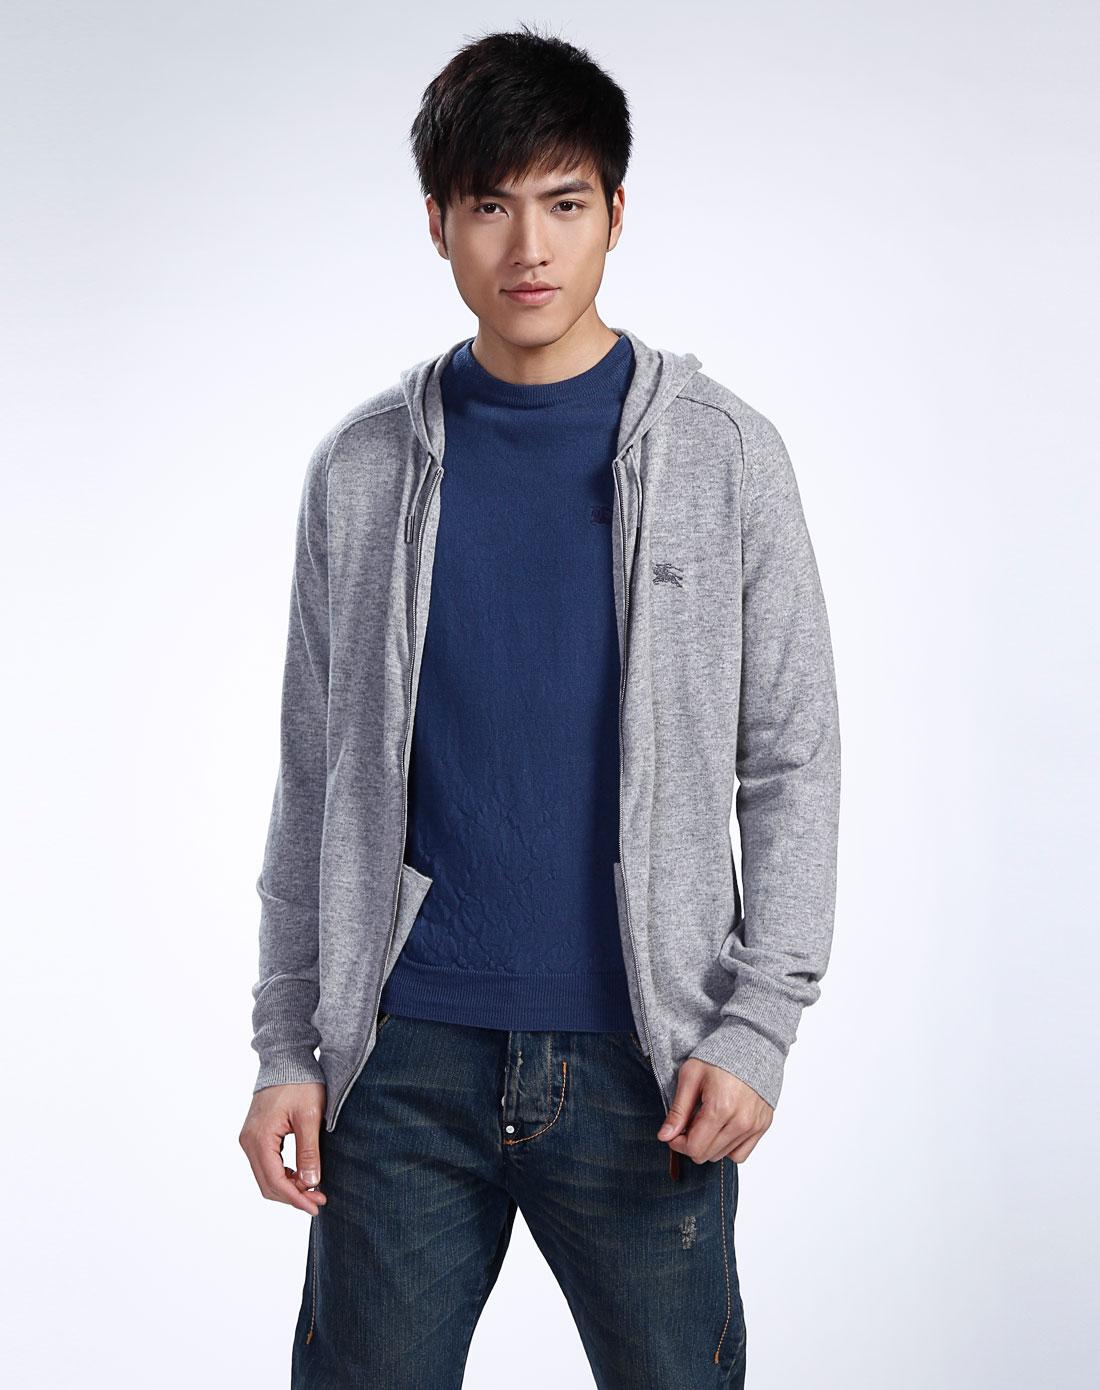 男款花灰色连帽长袖针织外套